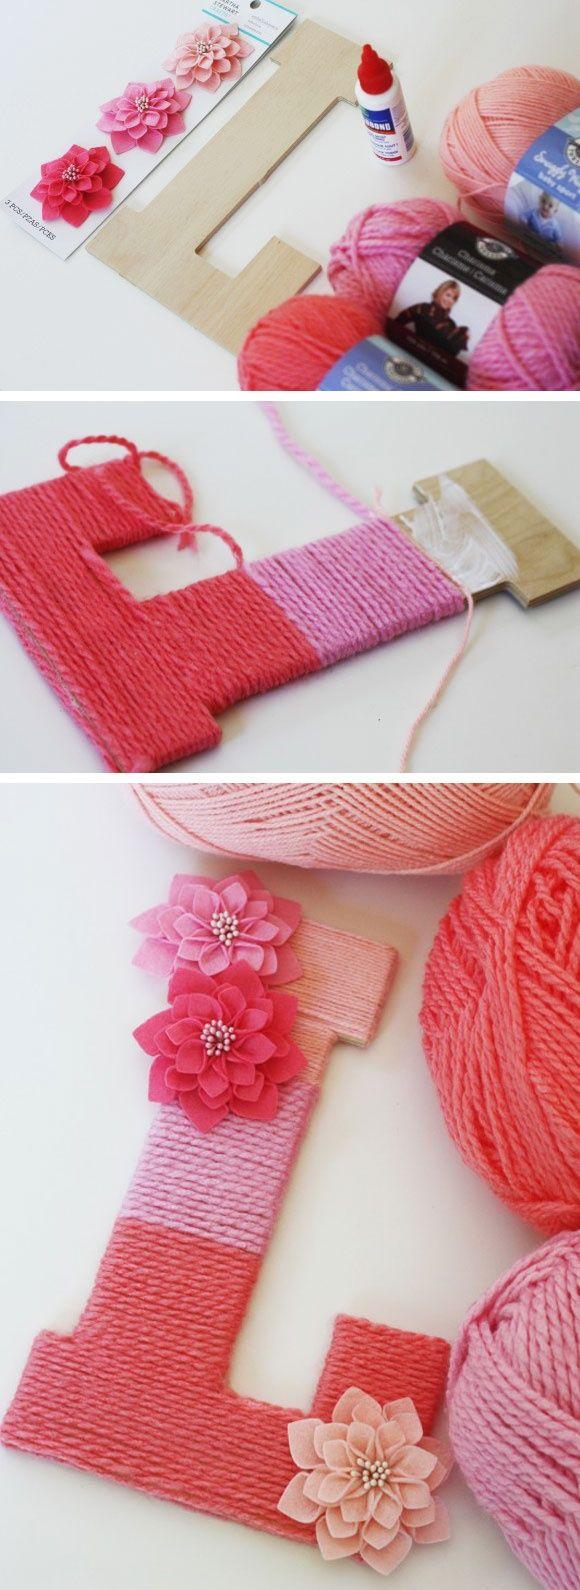 10 actividades con lana